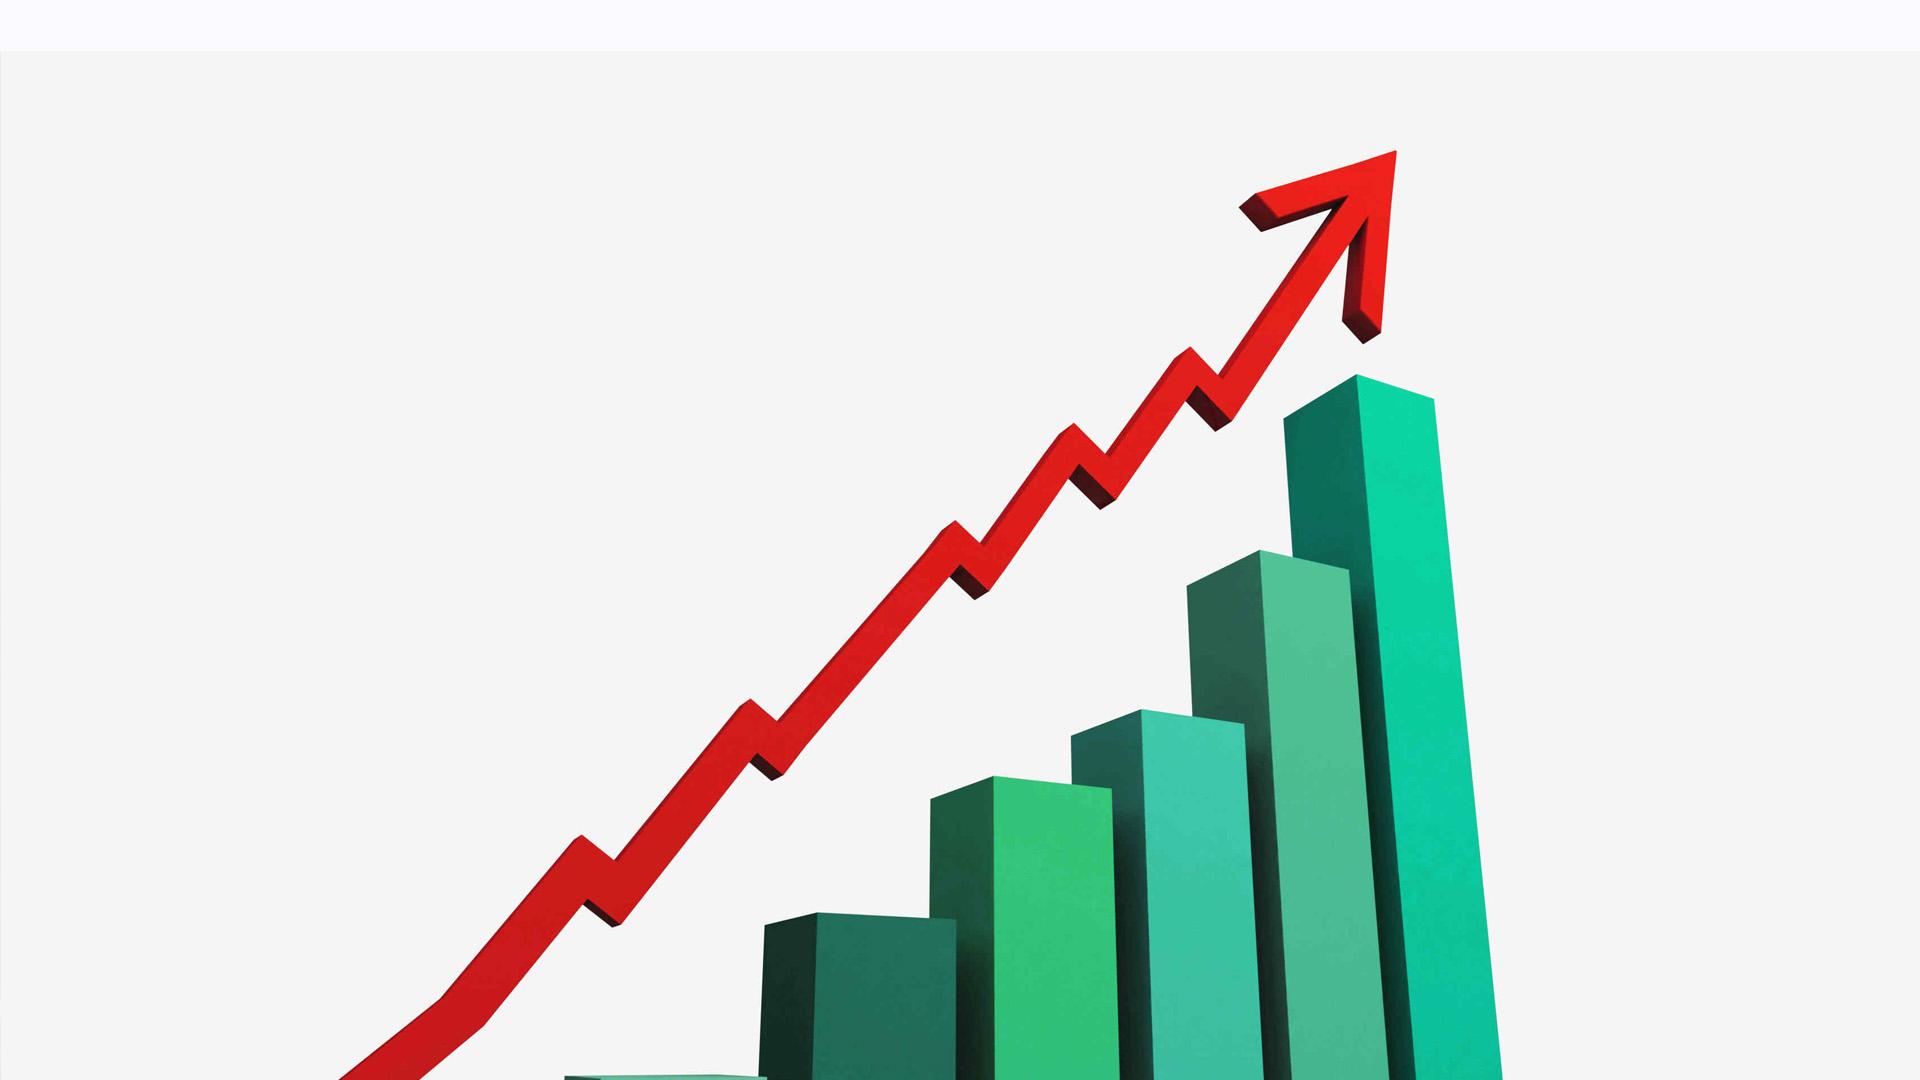 El aumento fue de un 2,9%, con respecto a los indicadores del año pasado